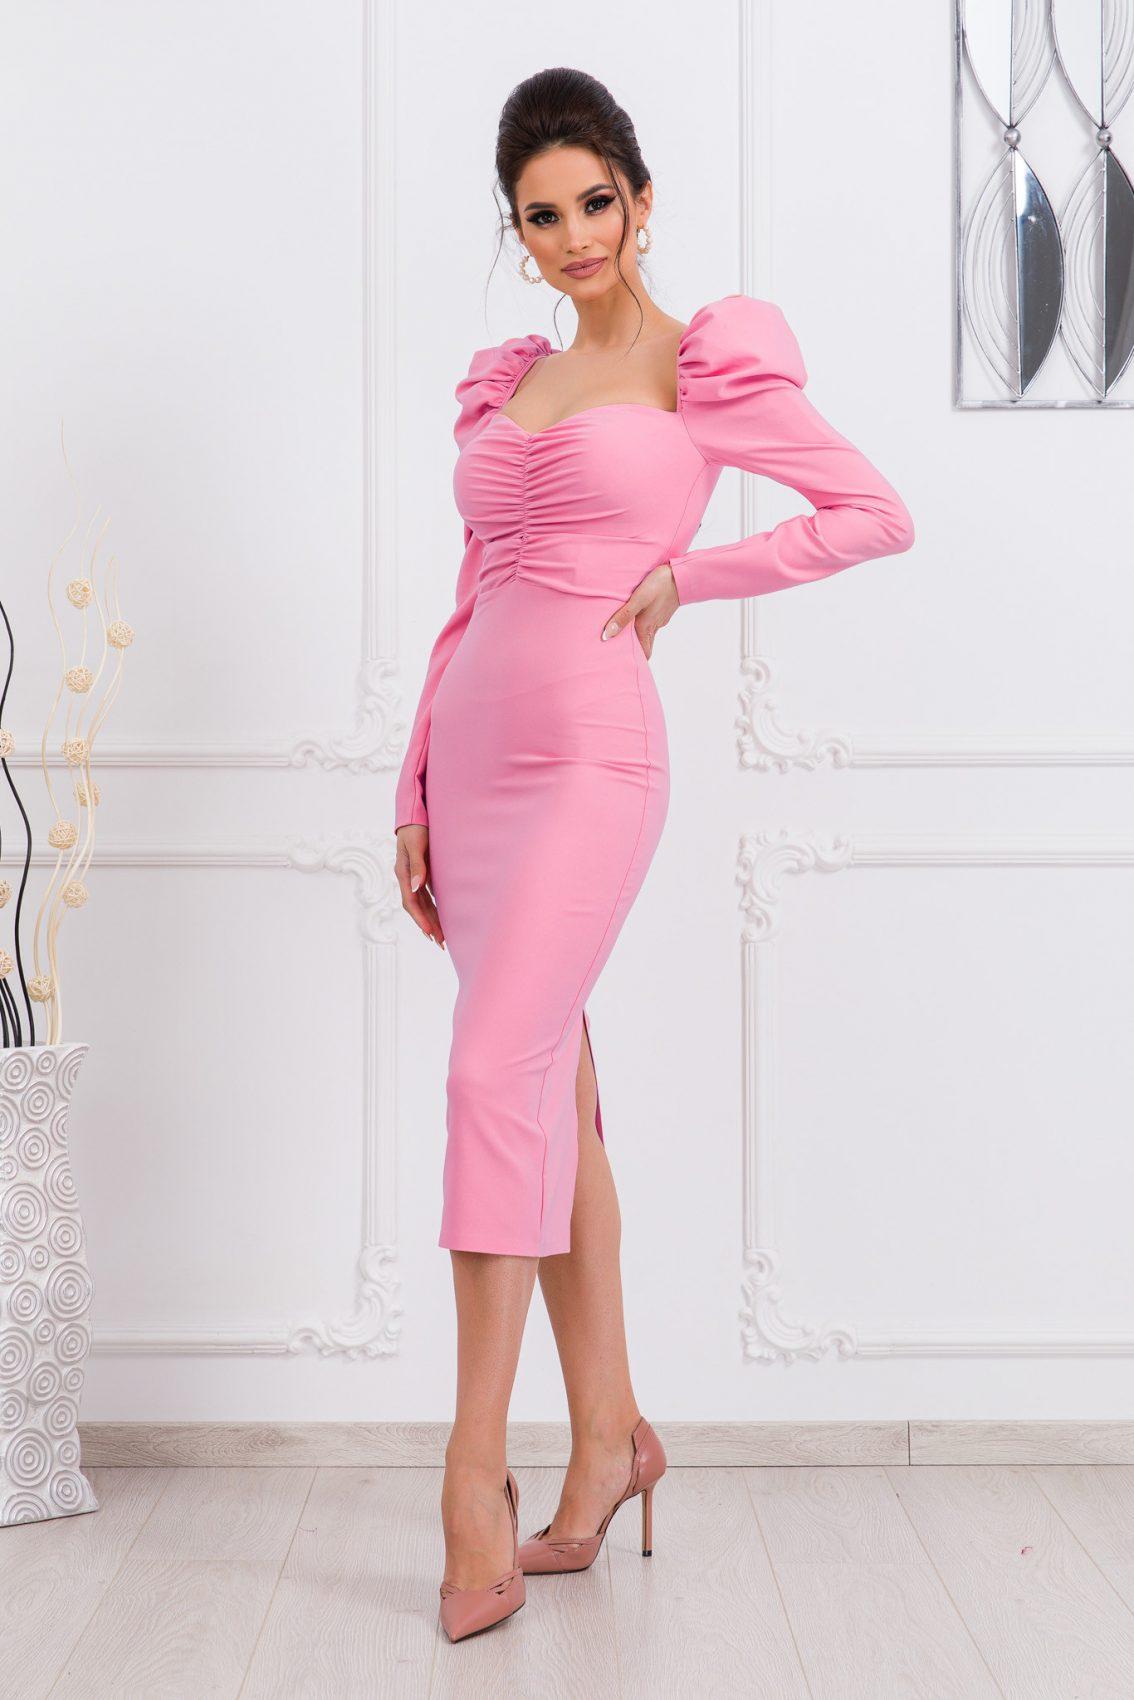 Μίντι Ροζ Φόρεμα Pandora 9794 1